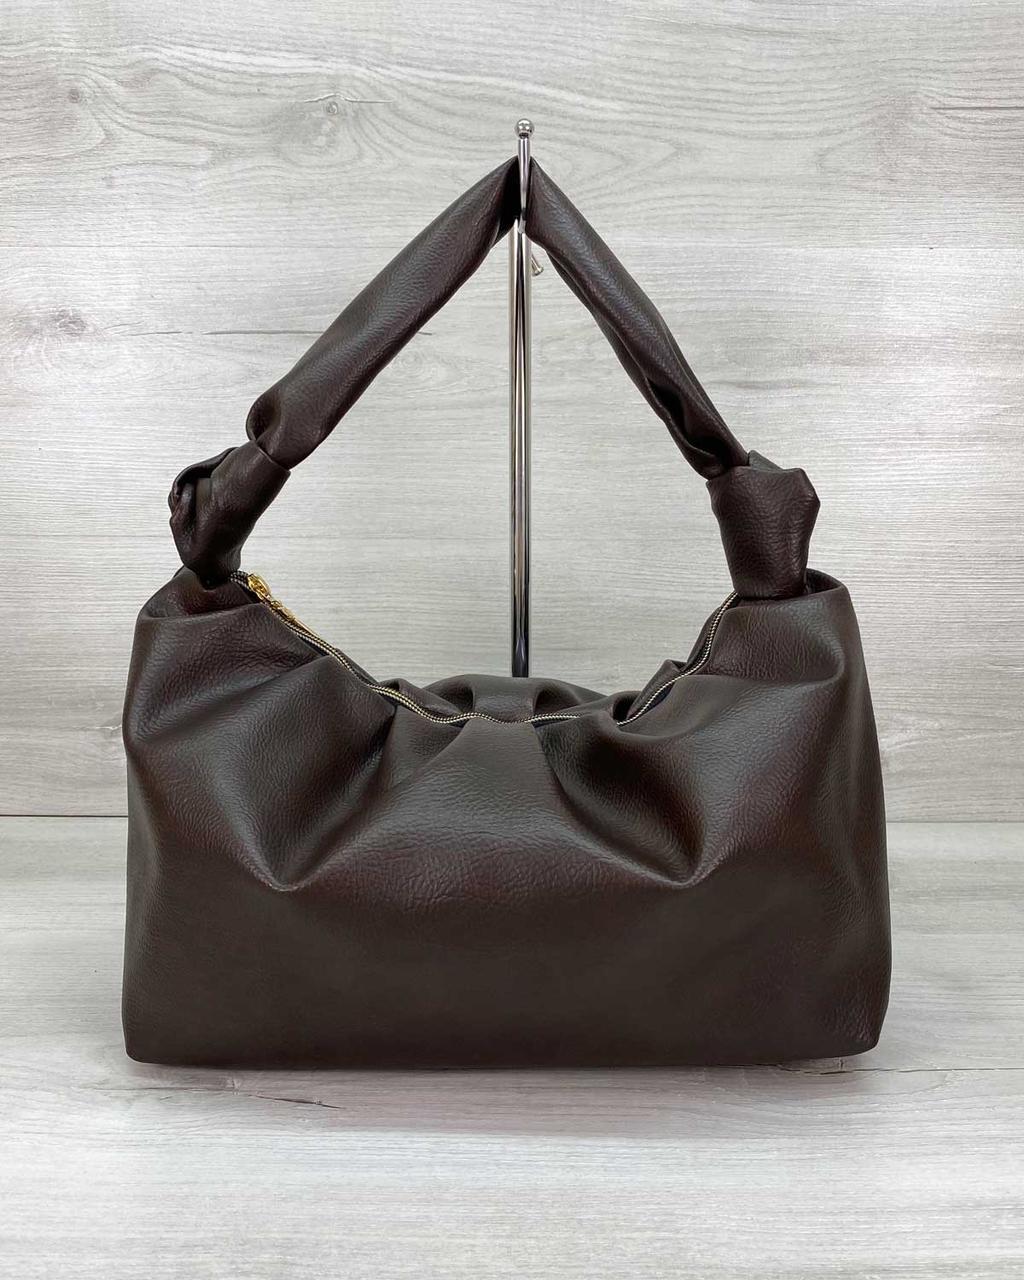 Женская сумка темно-коричневая повседневная вместительная шоколадного цвета